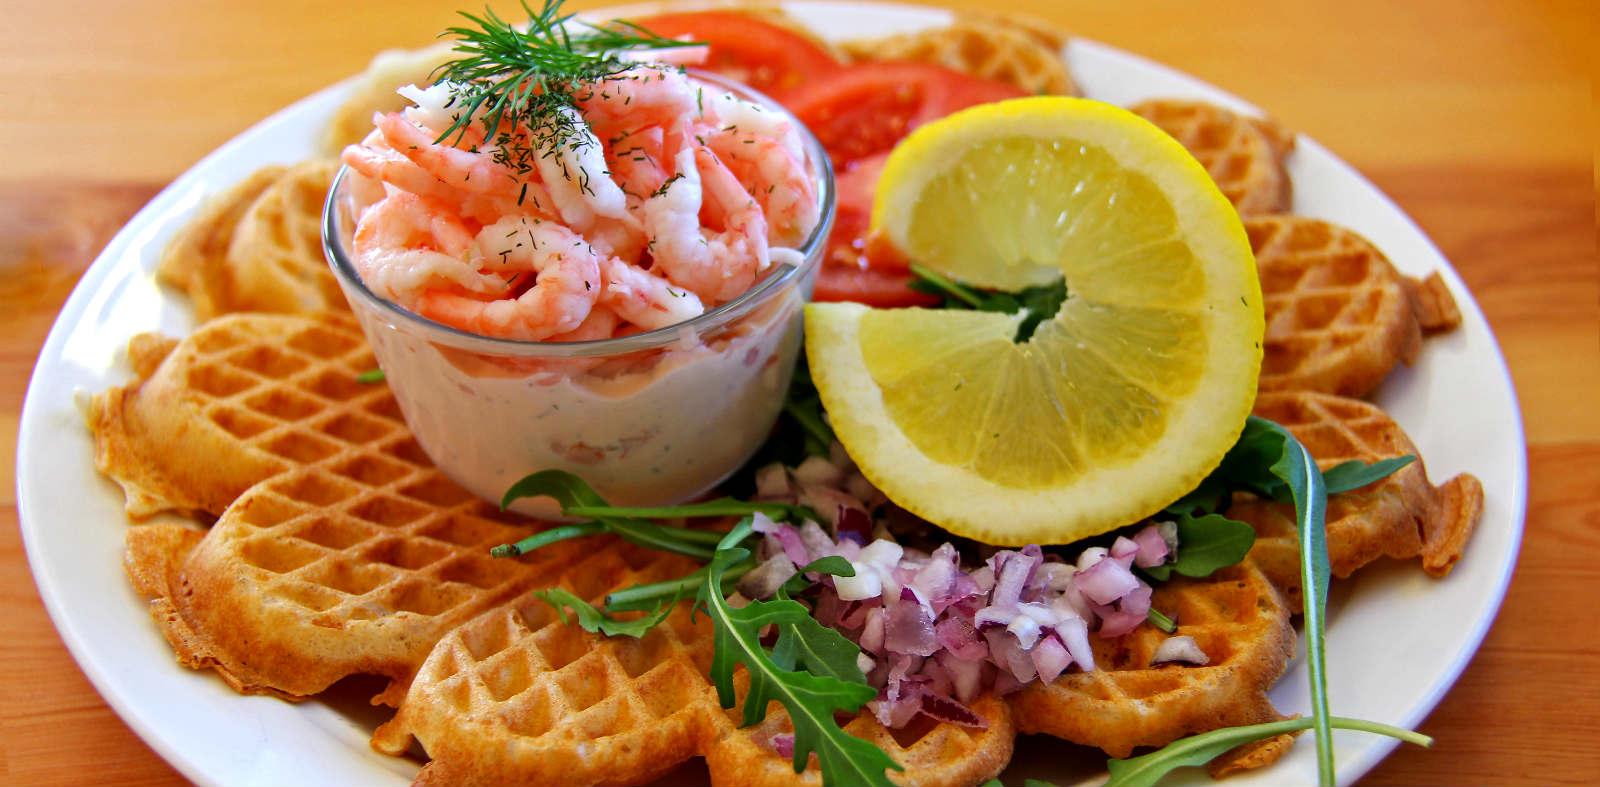 Piatti tipici del Nord Europa, cosa mangiare?